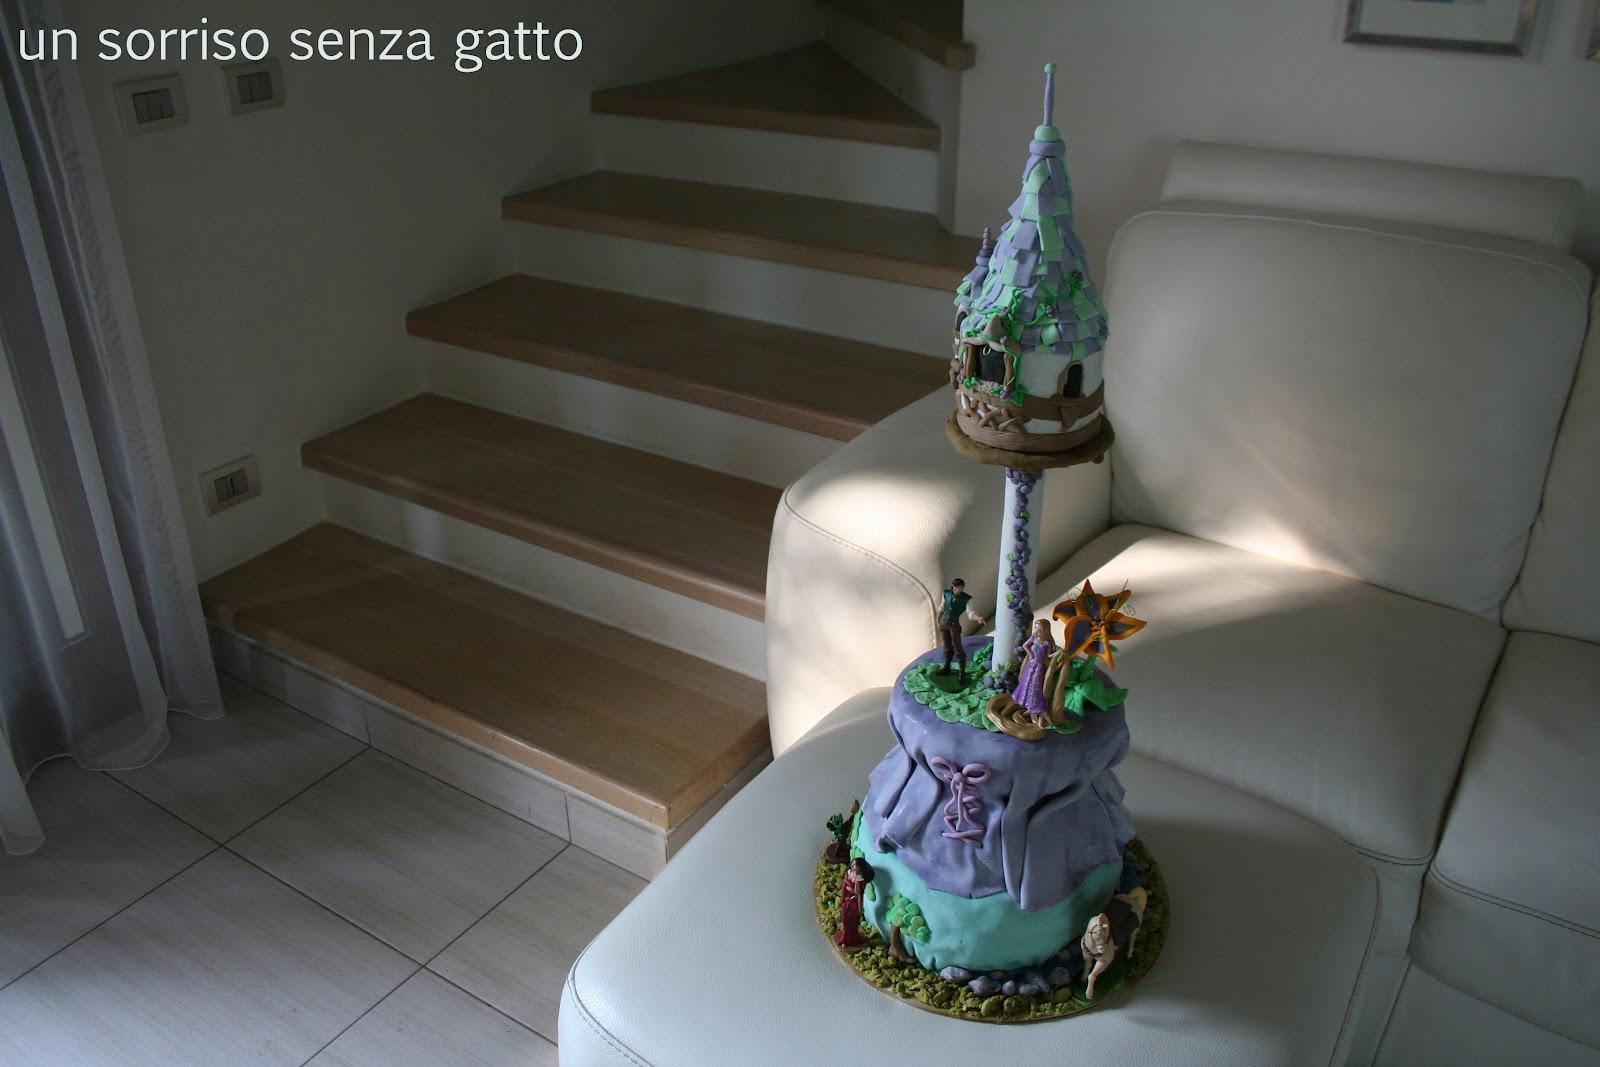 Eccezionale Un sorriso senza gatto: Compleanno con torta Rapunzel PE83